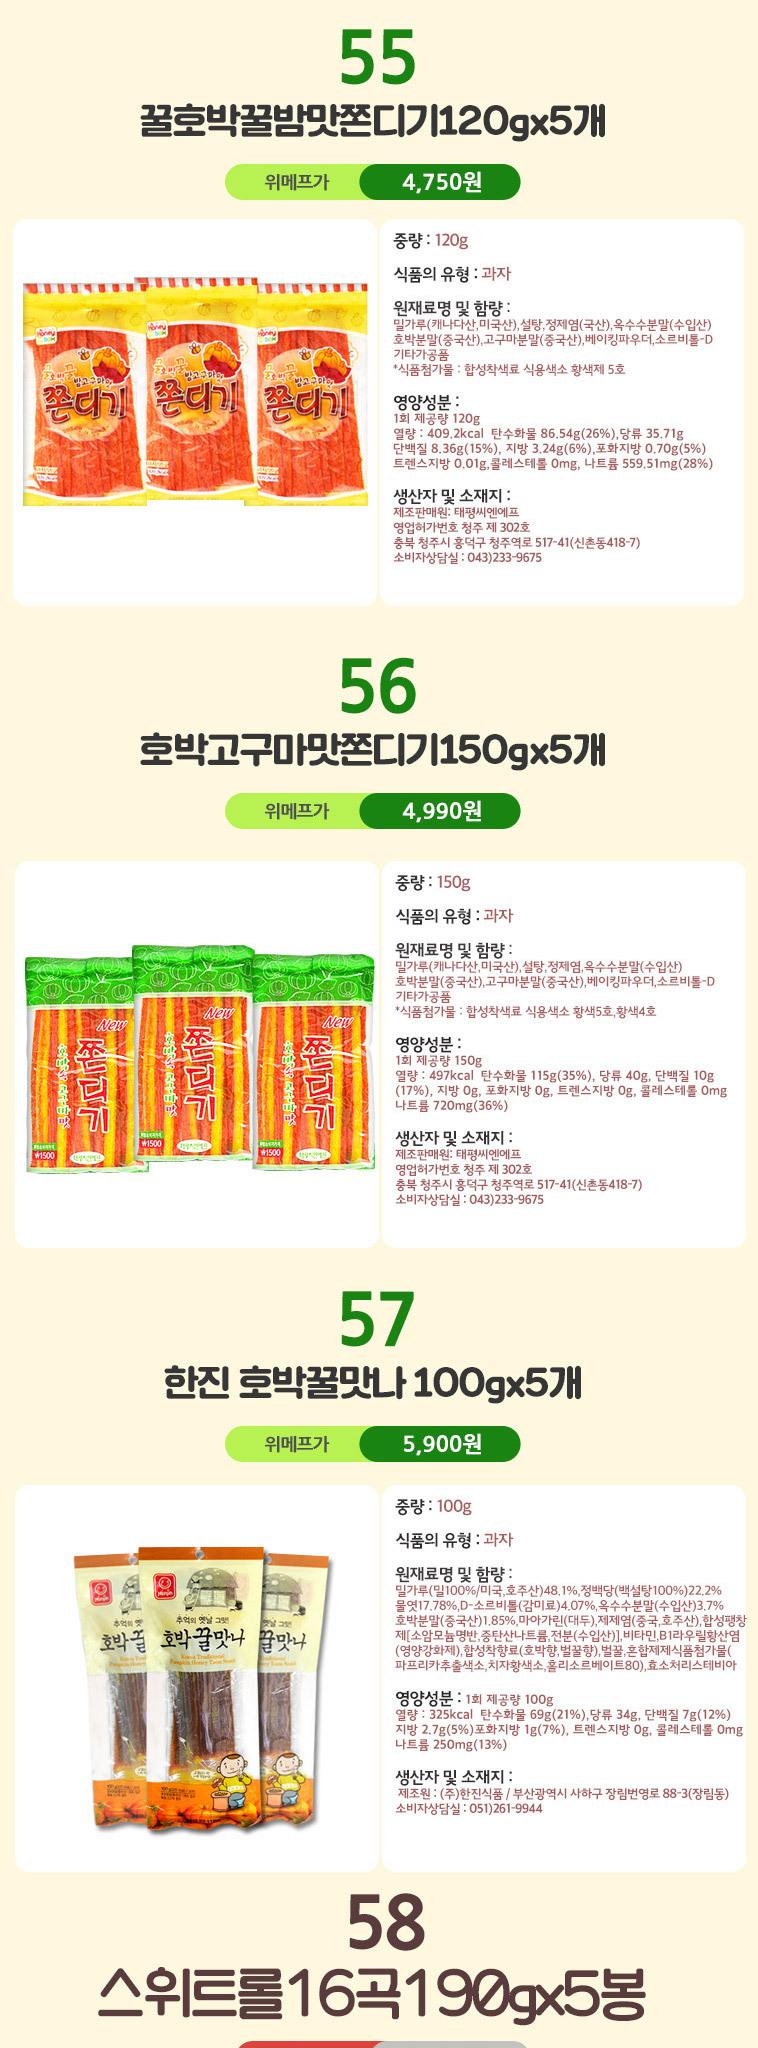 대용량 옛날과자 93종 무료배송! - 상세정보